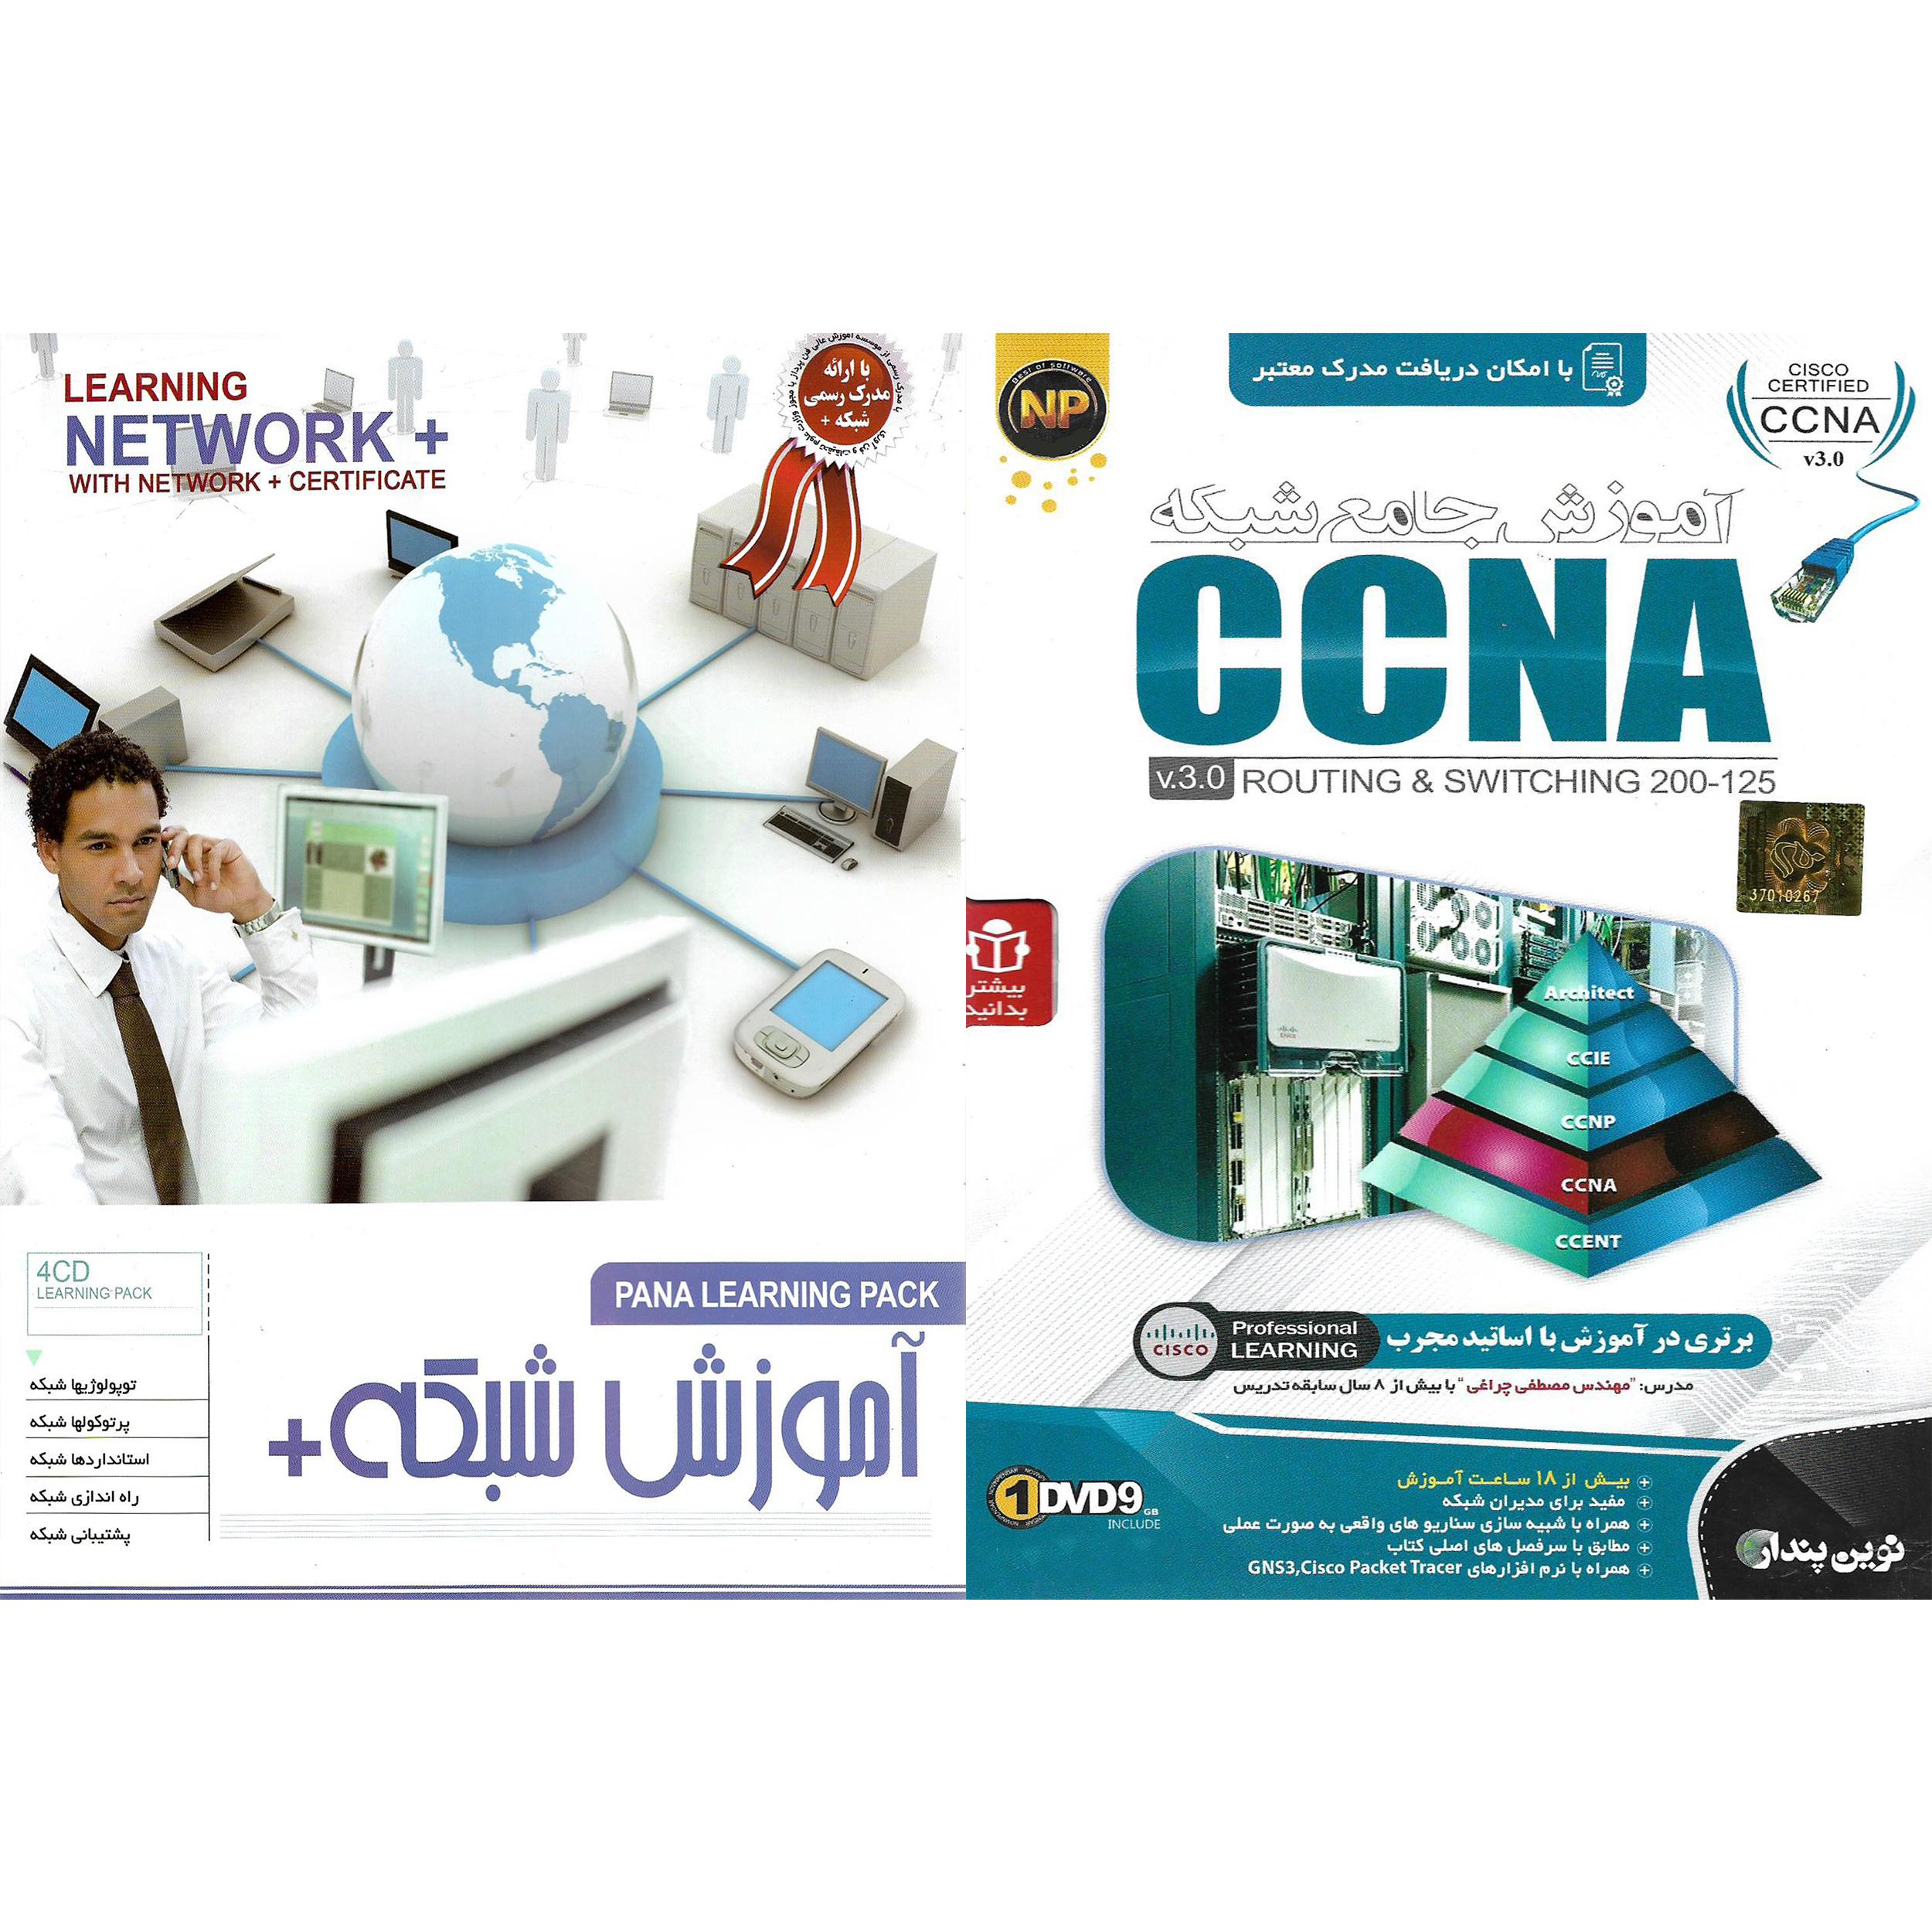 نرم افزار آموزش شبکه CCNA نشر نوین پندار به همراه نرم افزار آموزش شبکه + نشر الکترونیک پانا